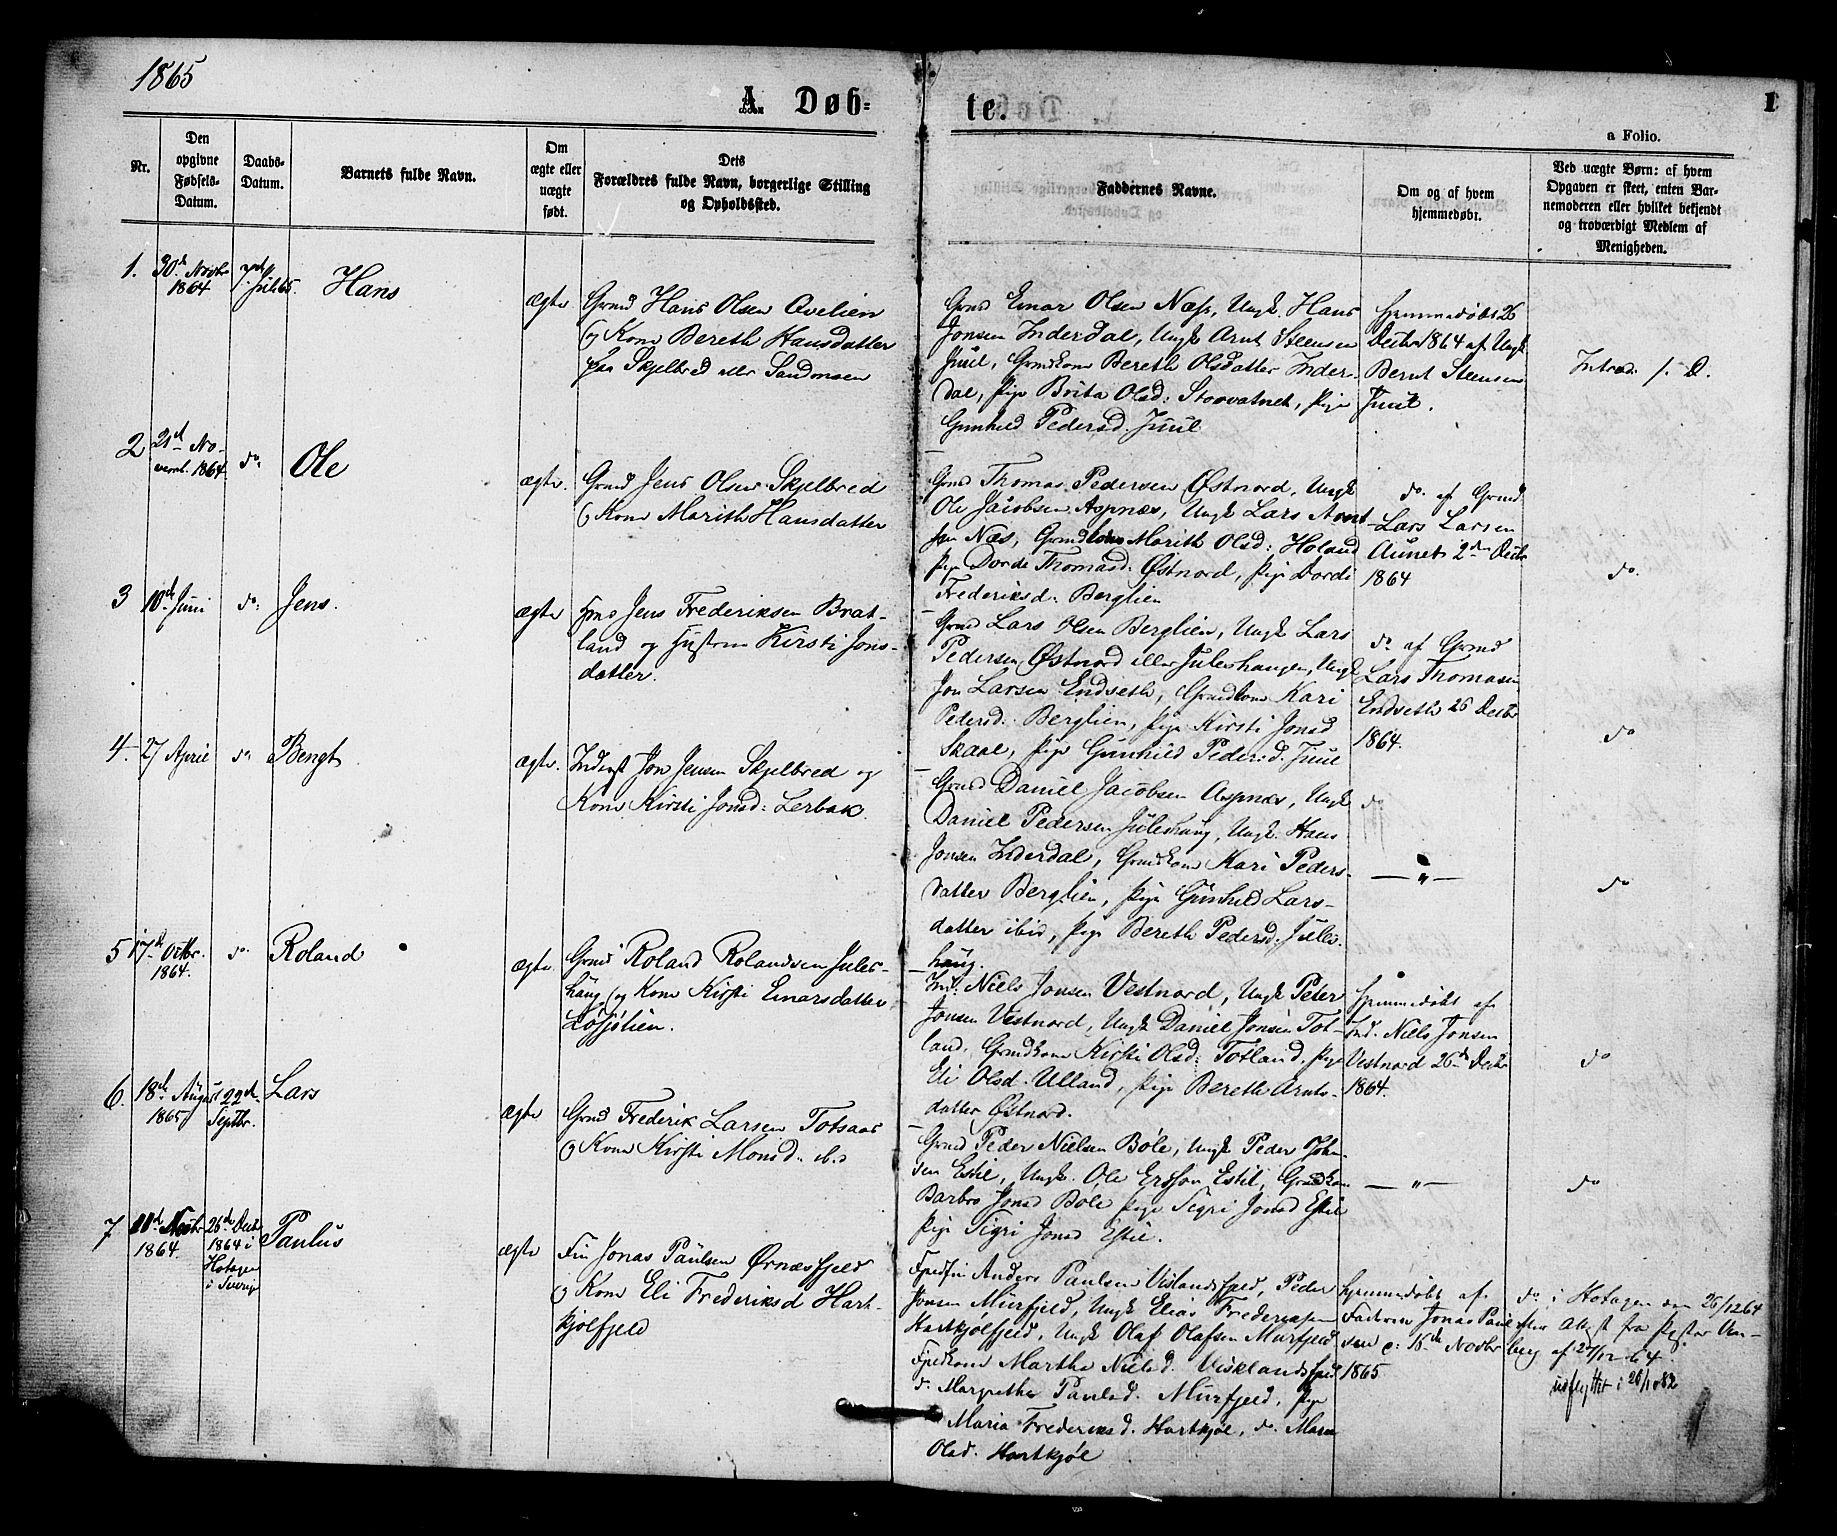 SAT, Ministerialprotokoller, klokkerbøker og fødselsregistre - Nord-Trøndelag, 755/L0493: Ministerialbok nr. 755A02, 1865-1881, s. 1